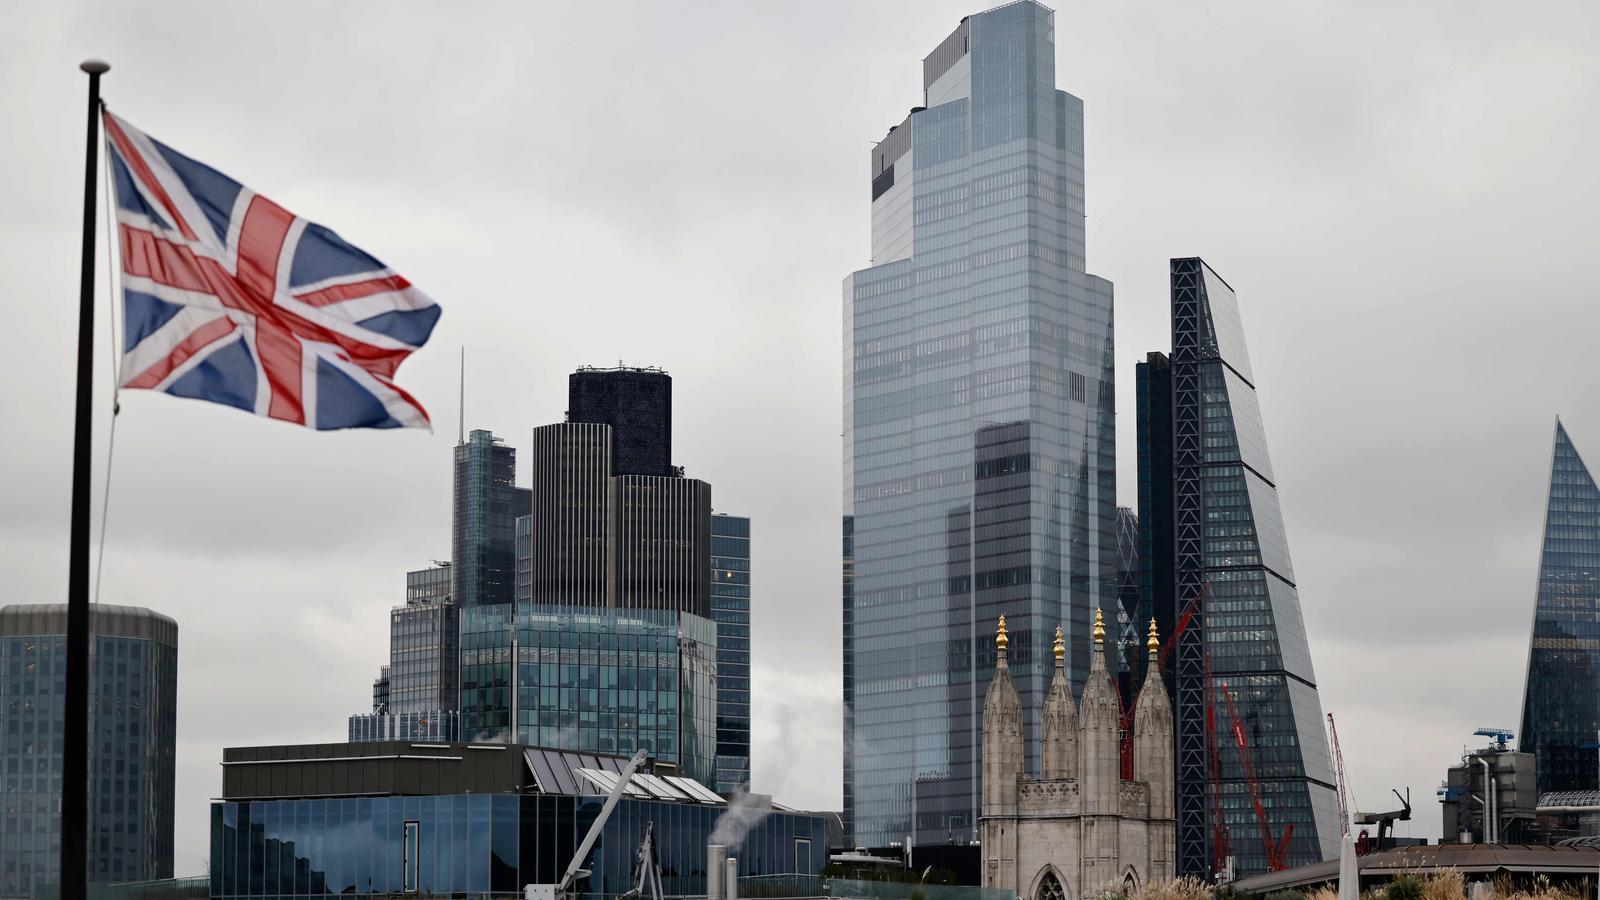 Una icònica imatge de la City, el gran centre financer de Londres, ara sota mínims a causa del covid-19